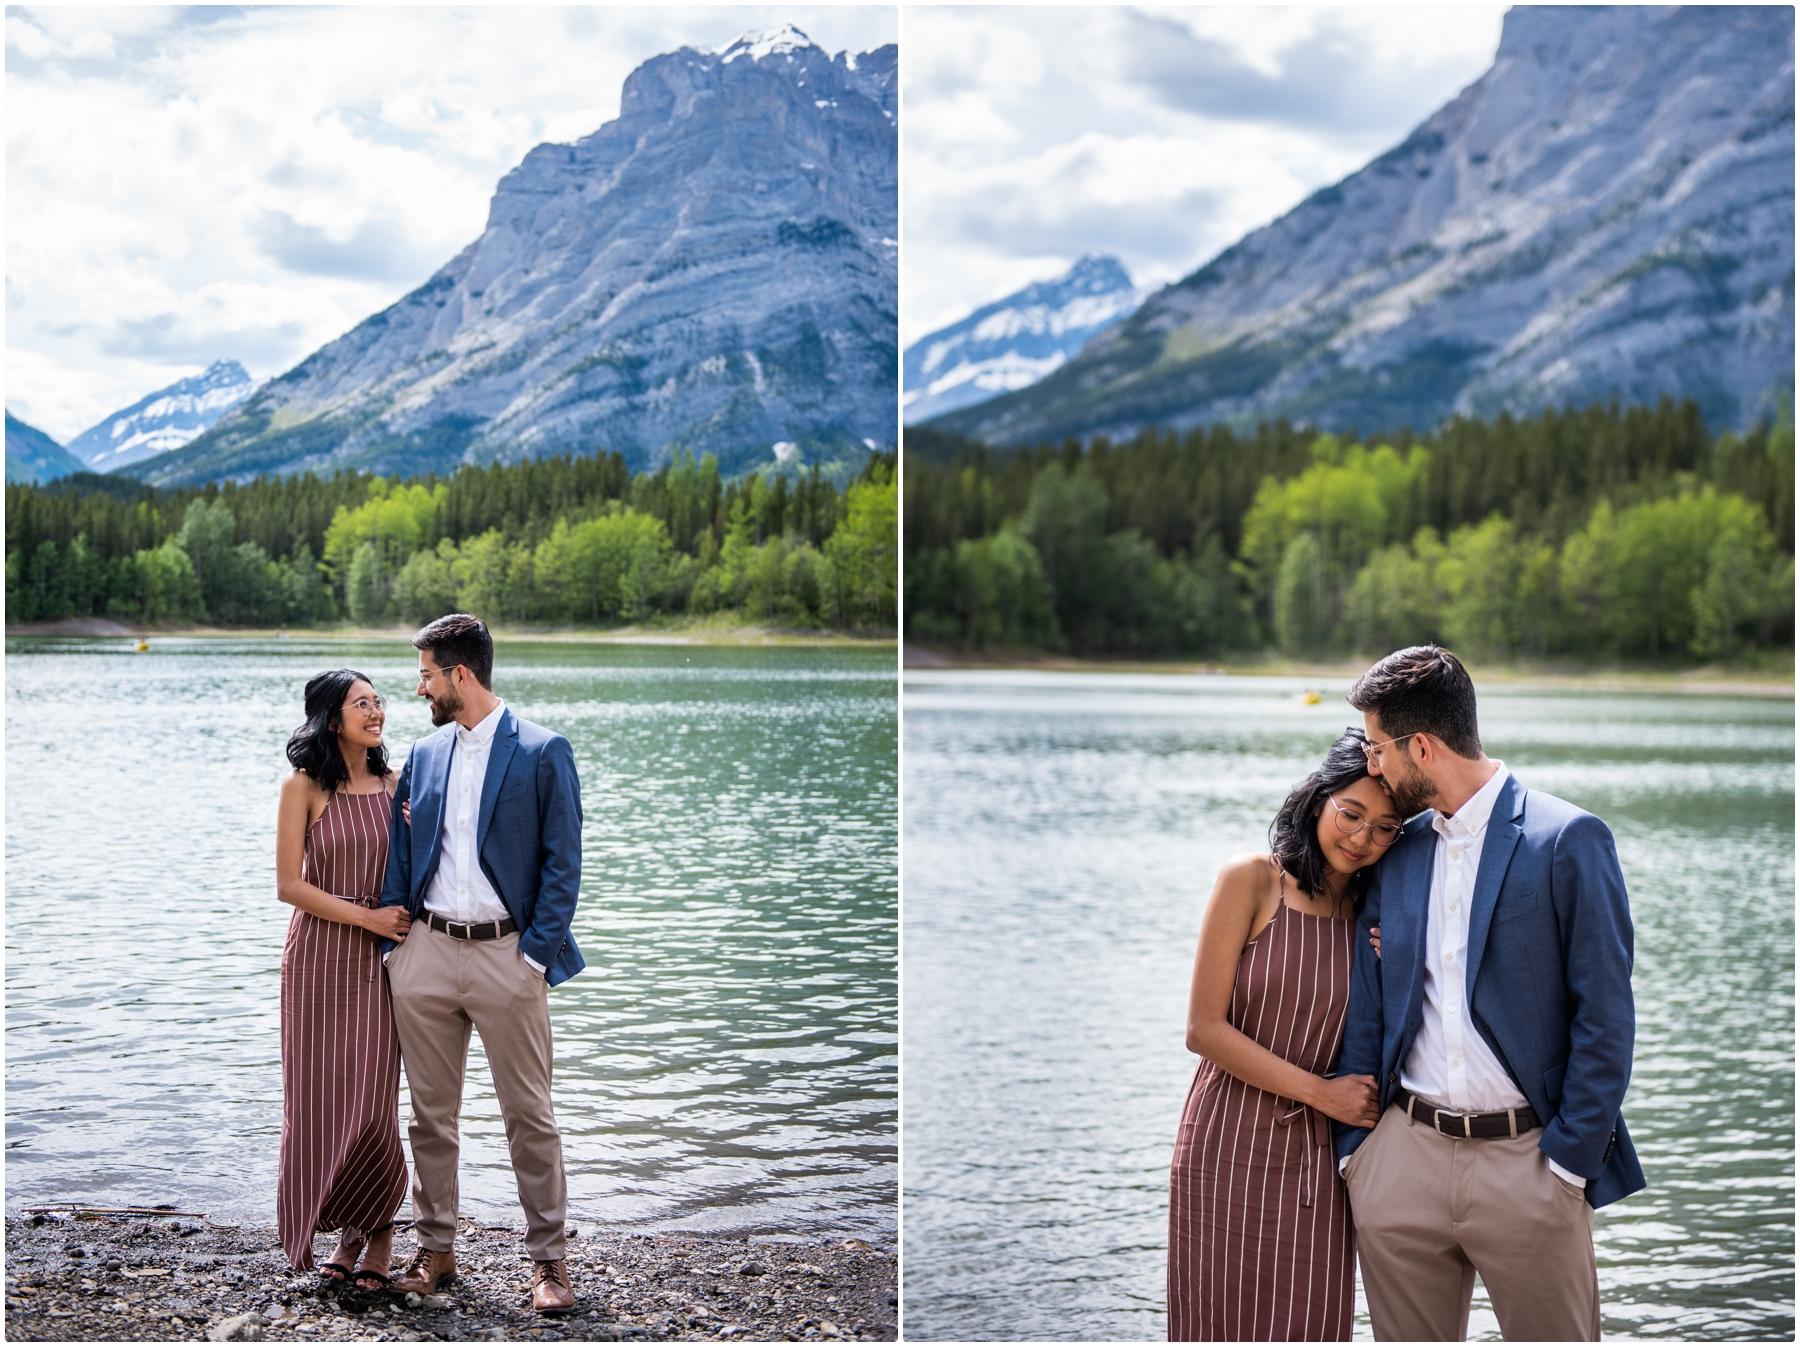 Wedge Pond Engagement Photography Kananaskis